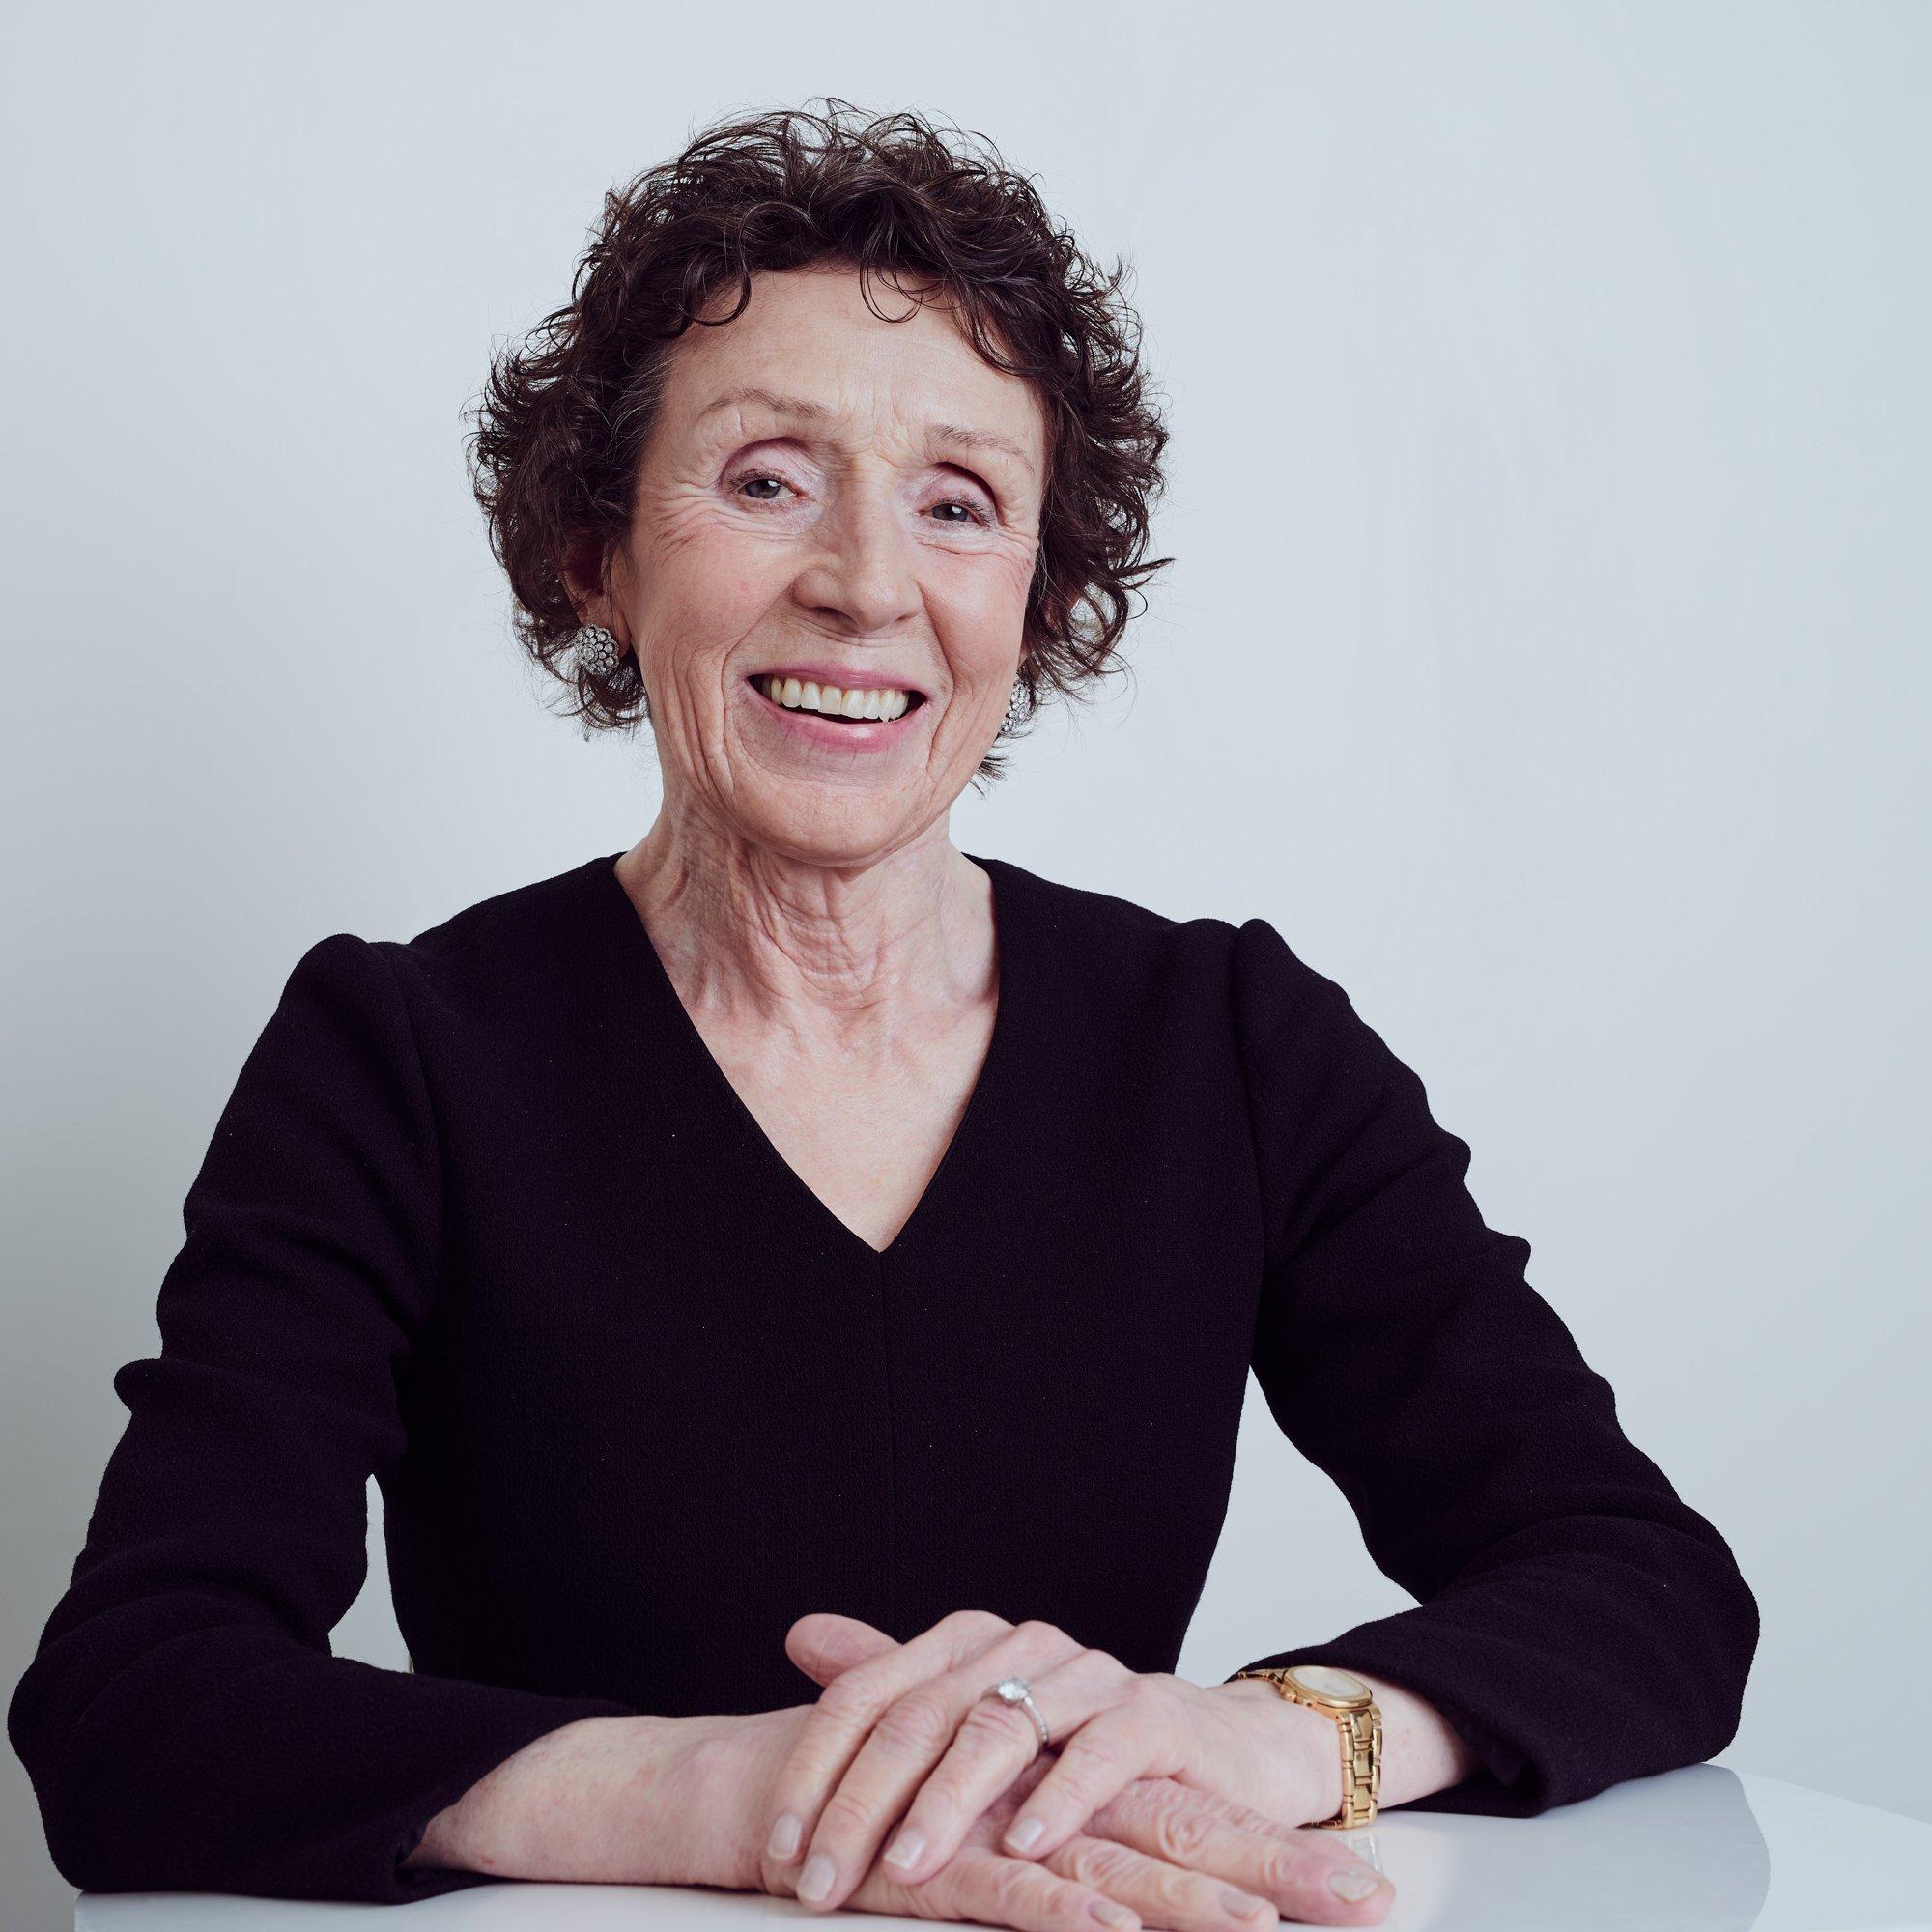 Dr Margaret Kearns